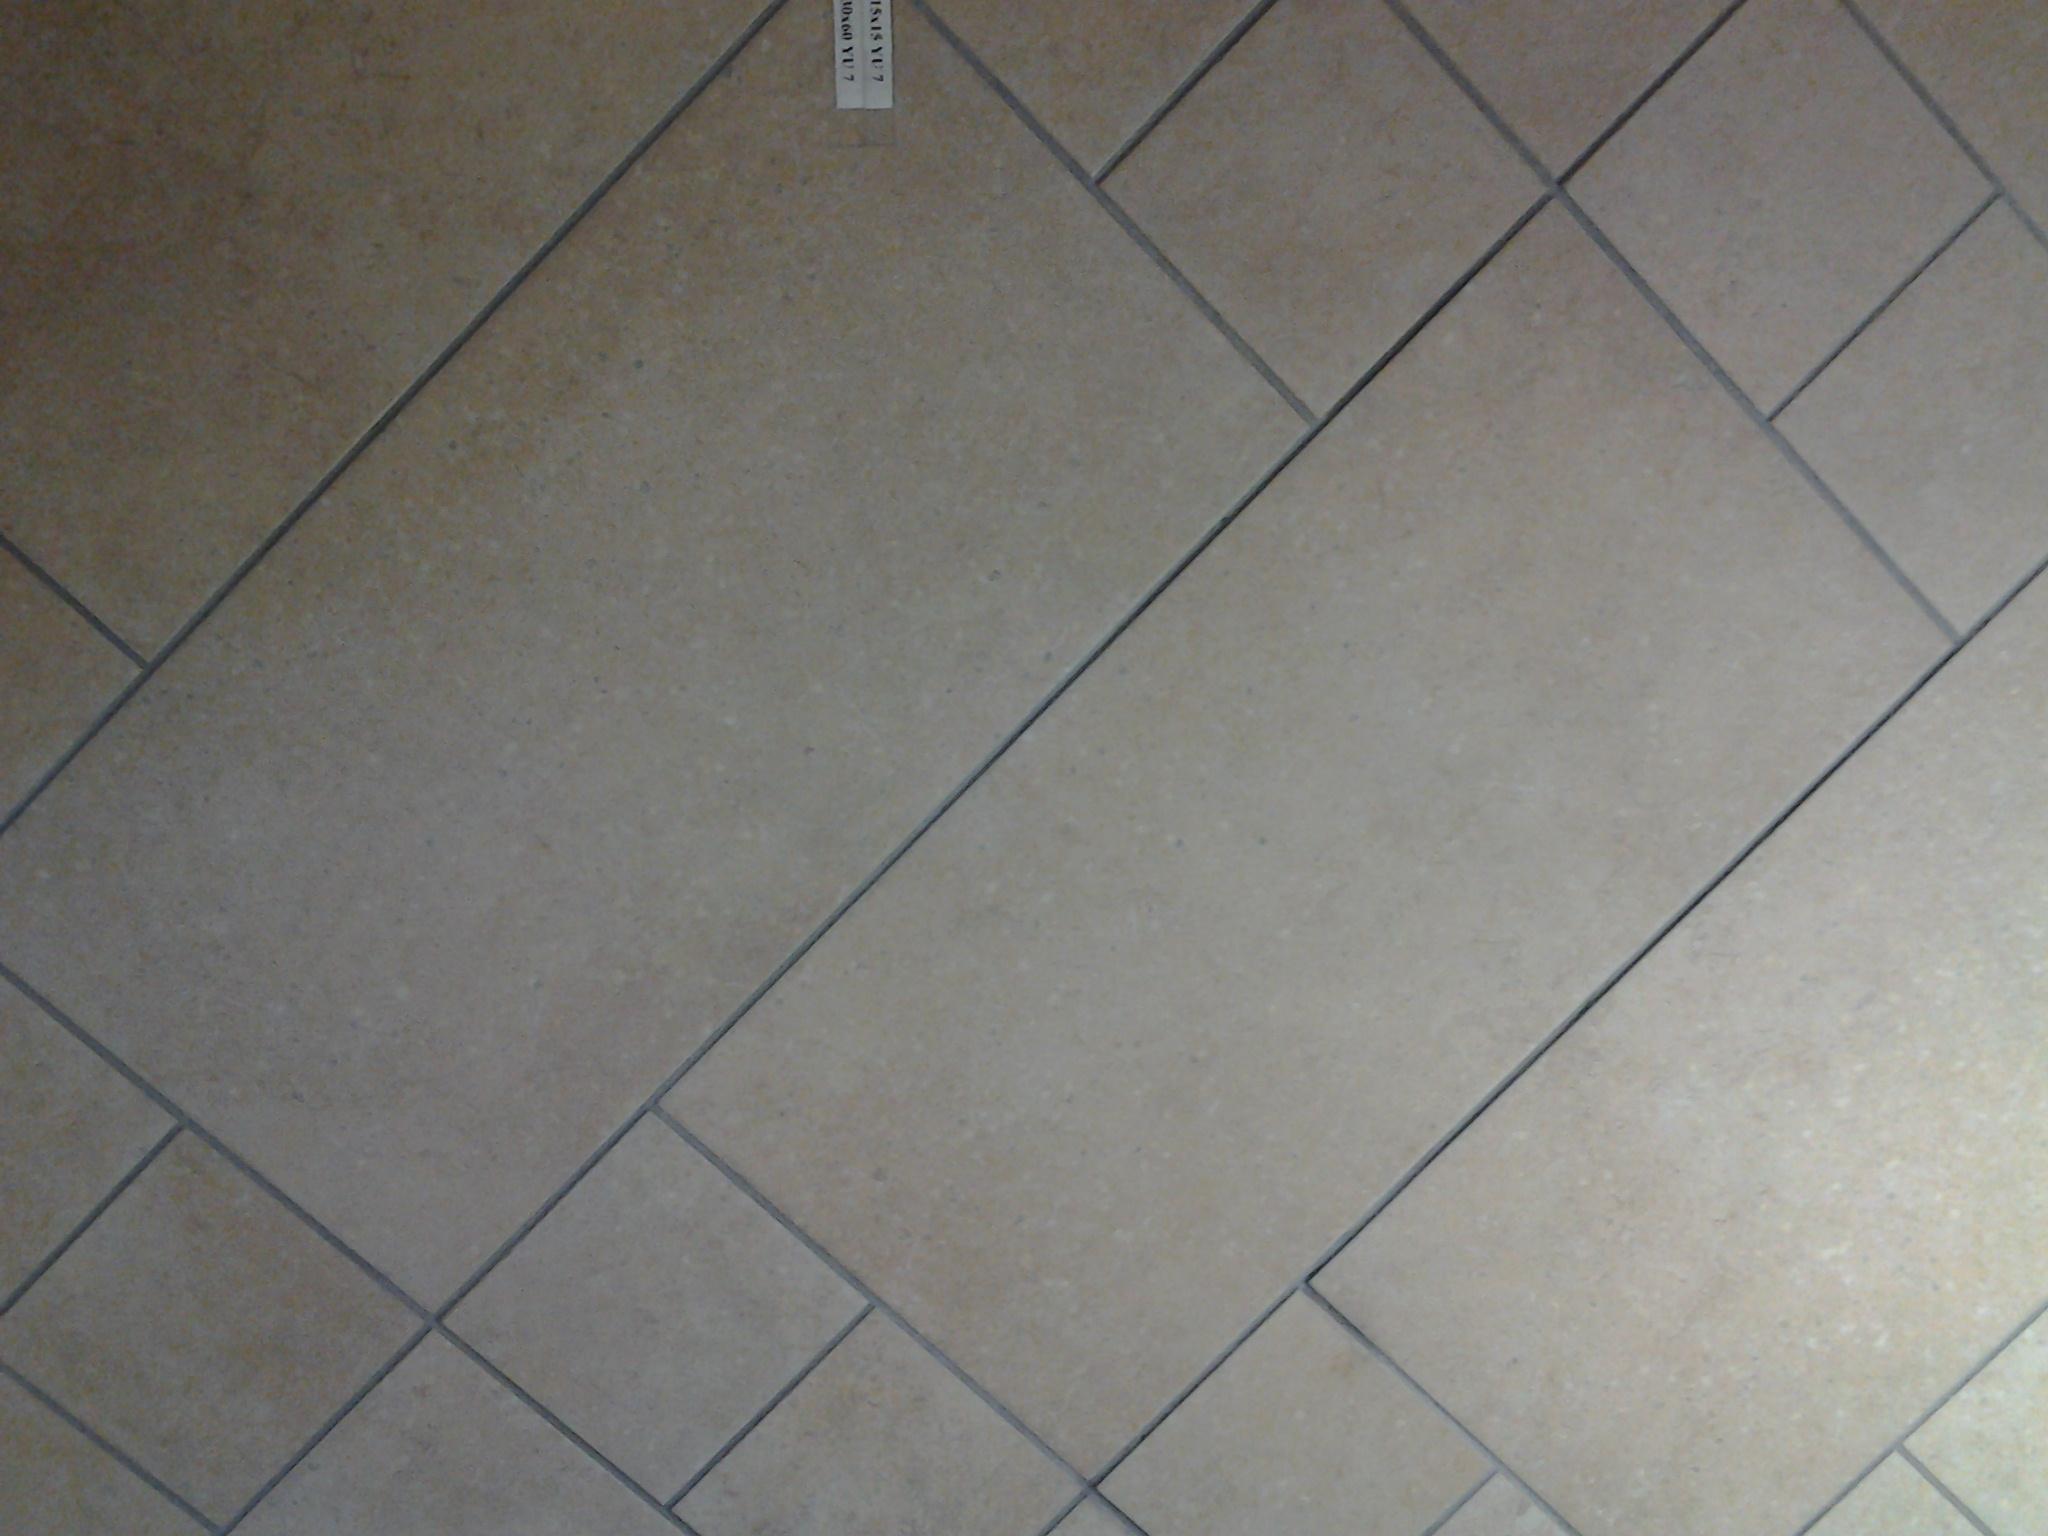 Marzoli rag ambrogio rivestimenti e pavimenti varese - Piastrelle fine serie ...